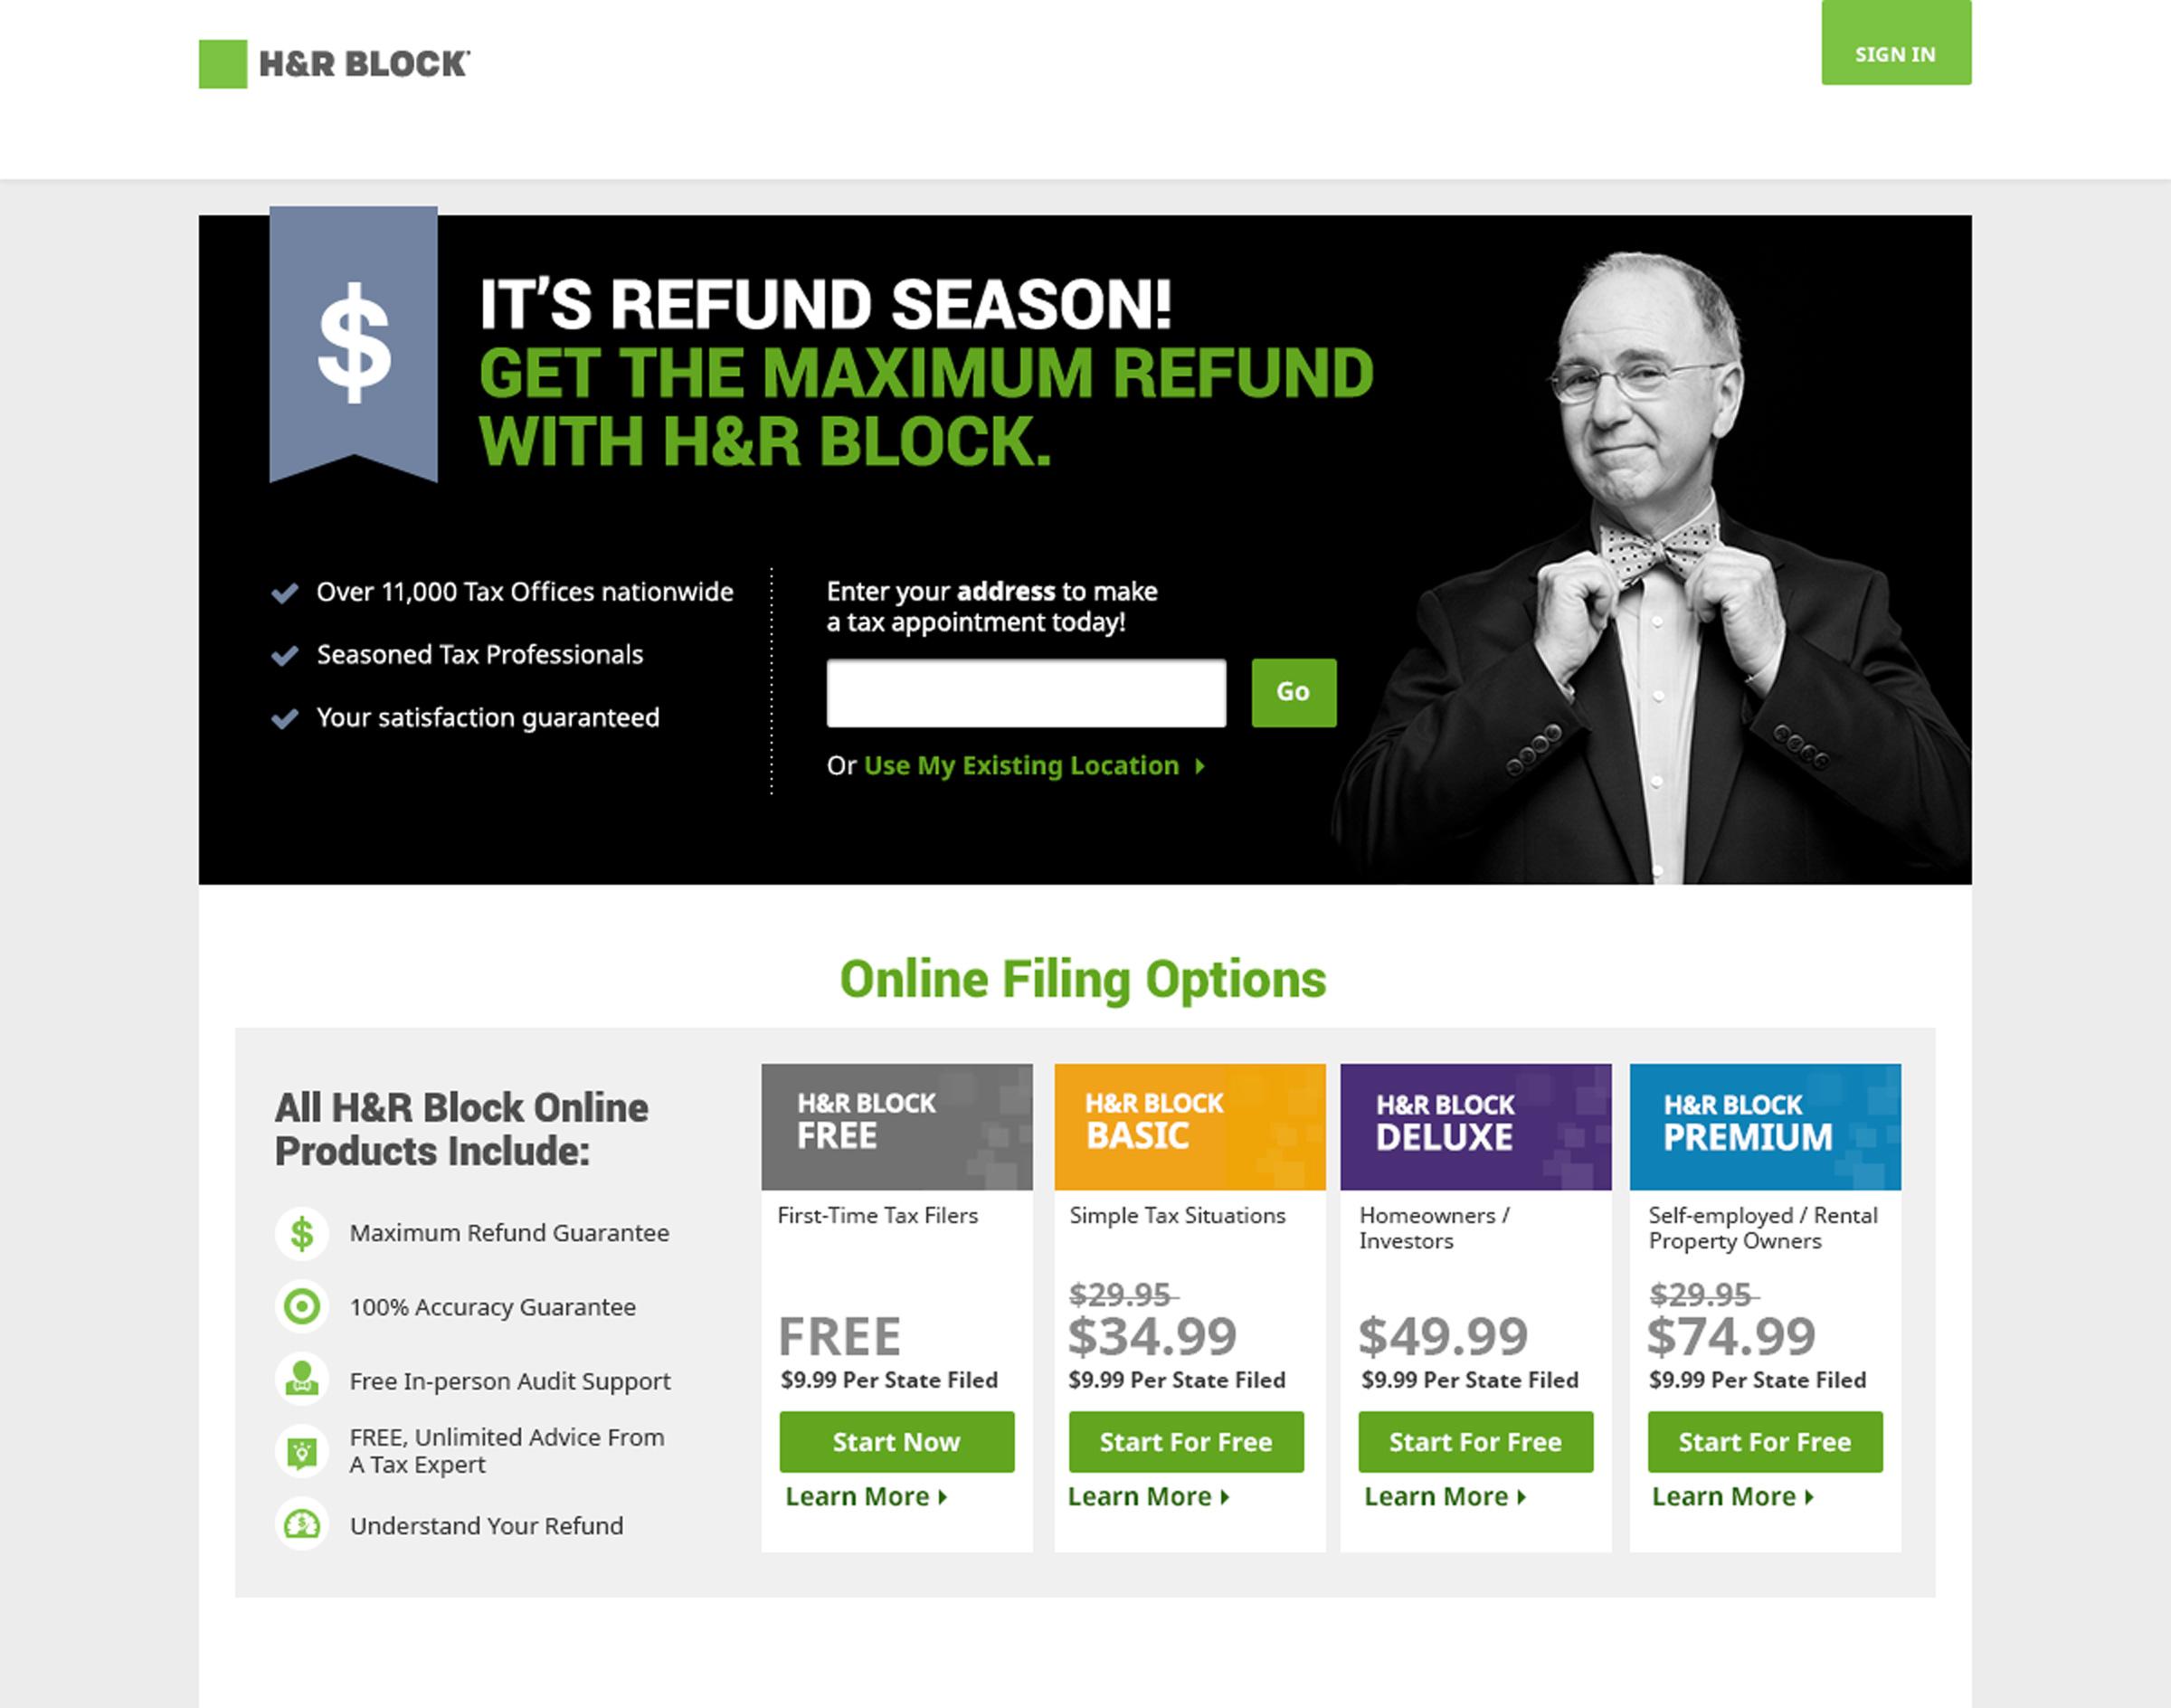 H&R Block homepage